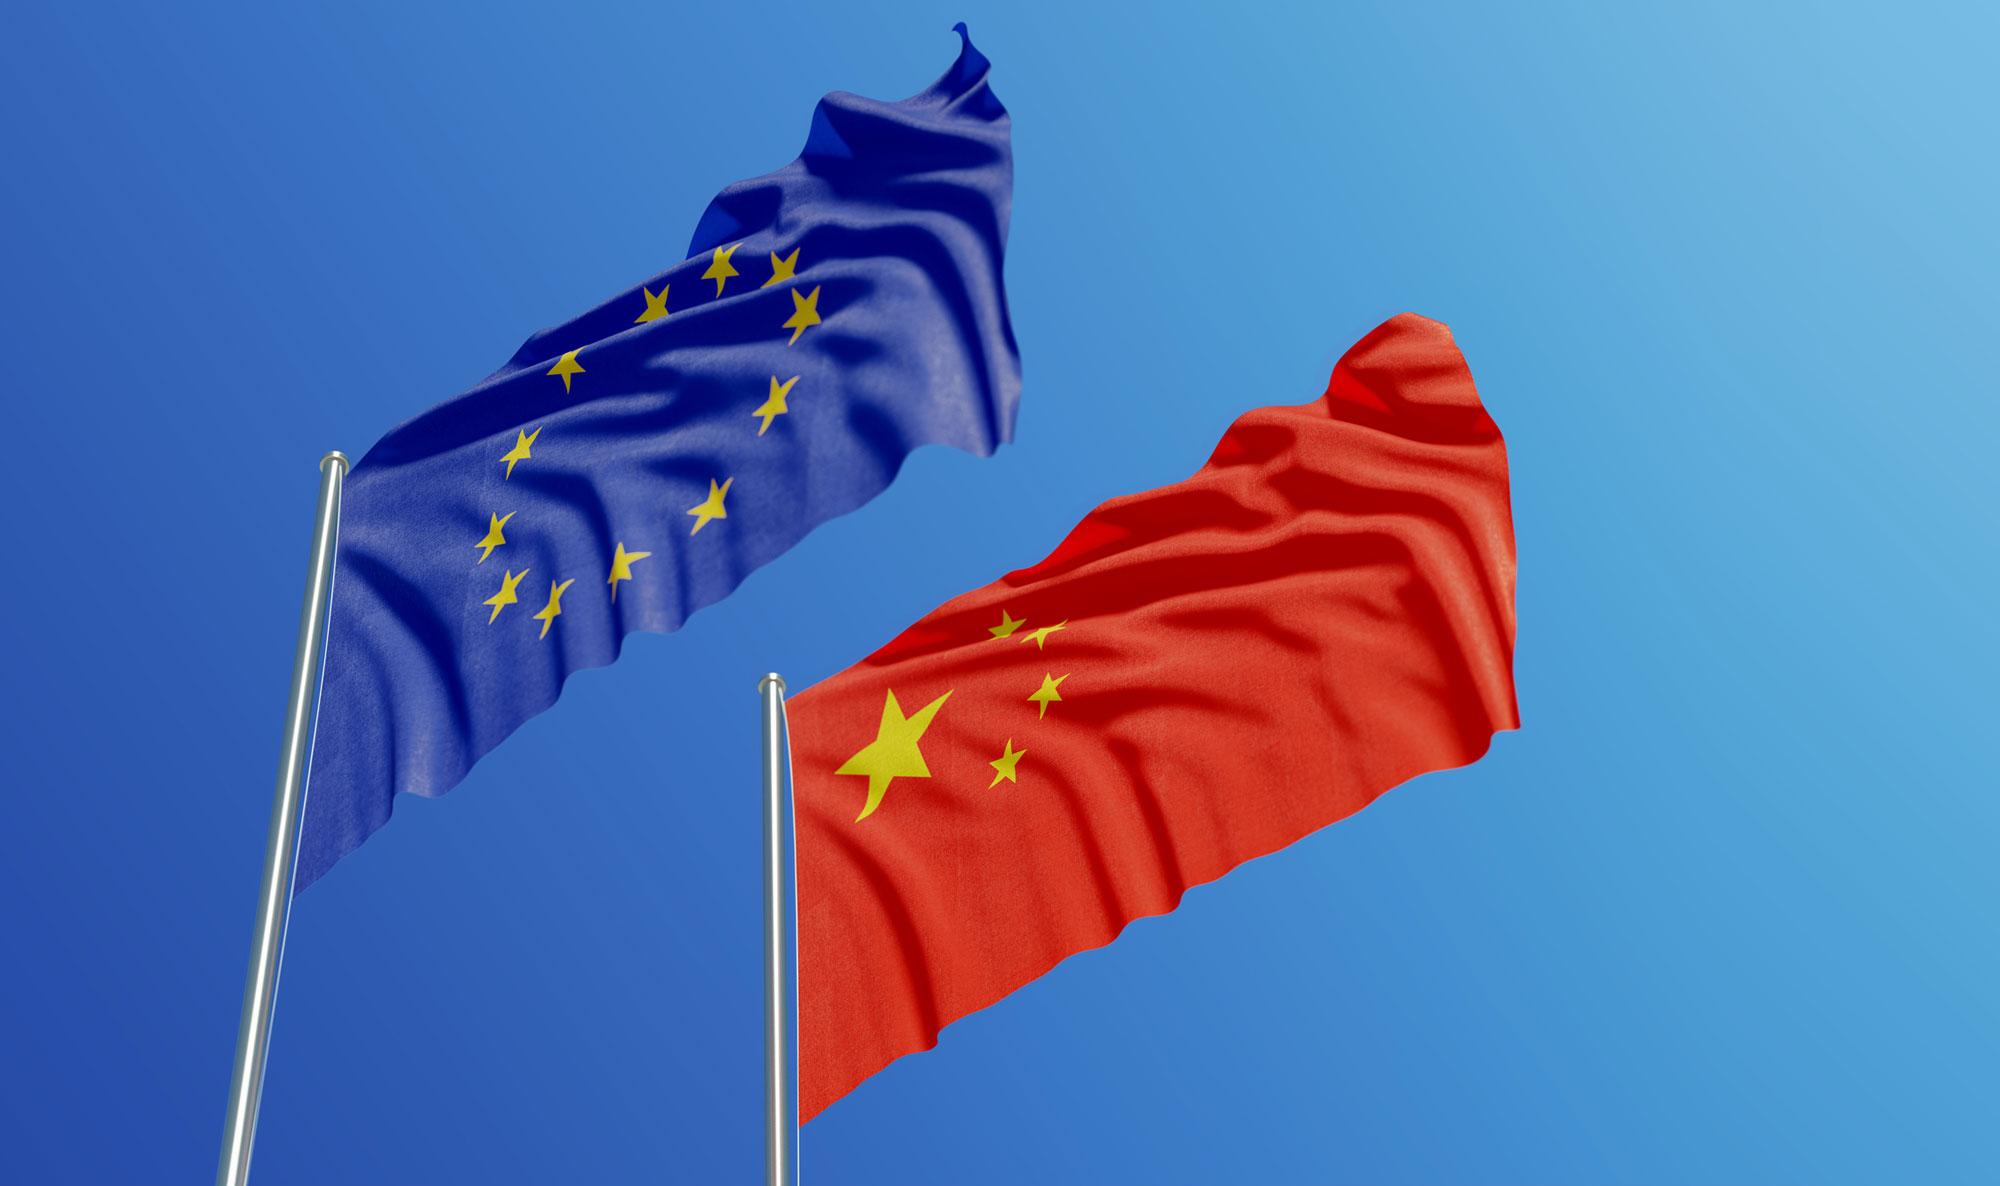 Europe China Flags